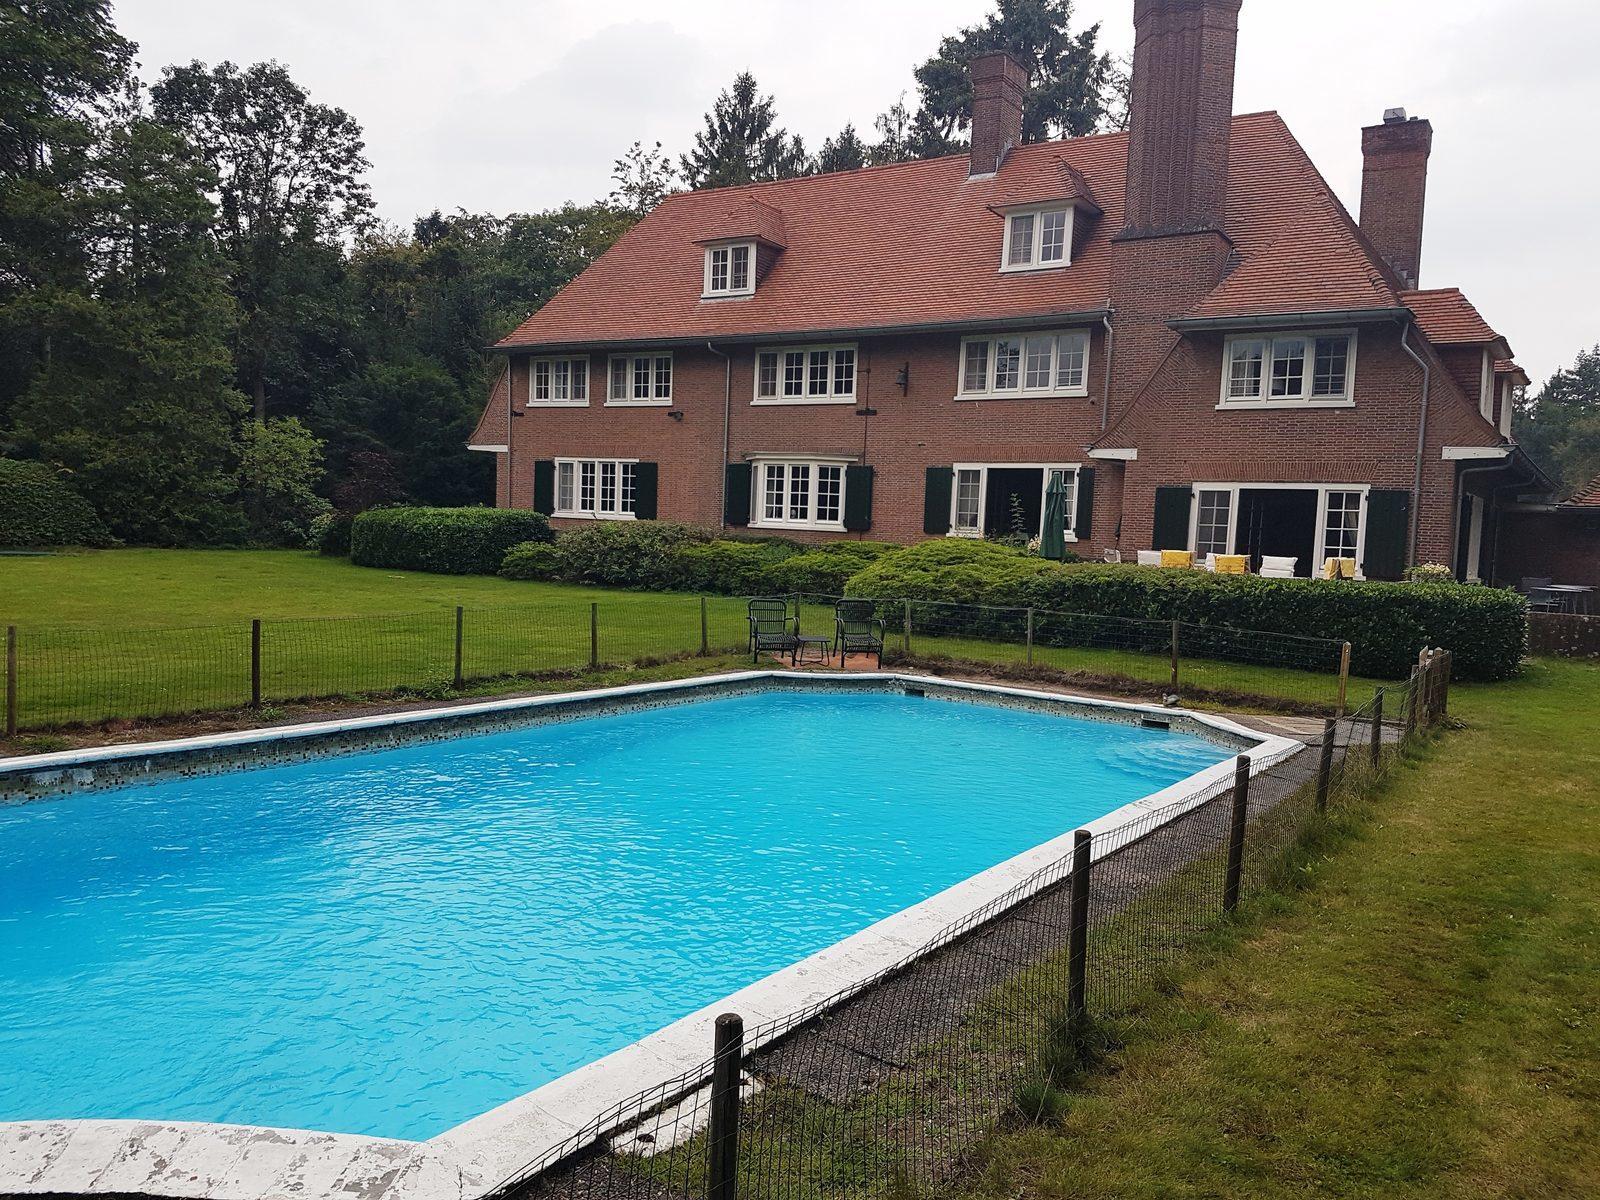 Vakantiehuis, zwembad, vakantie, weekendje weg, Nederland, villa, luxe